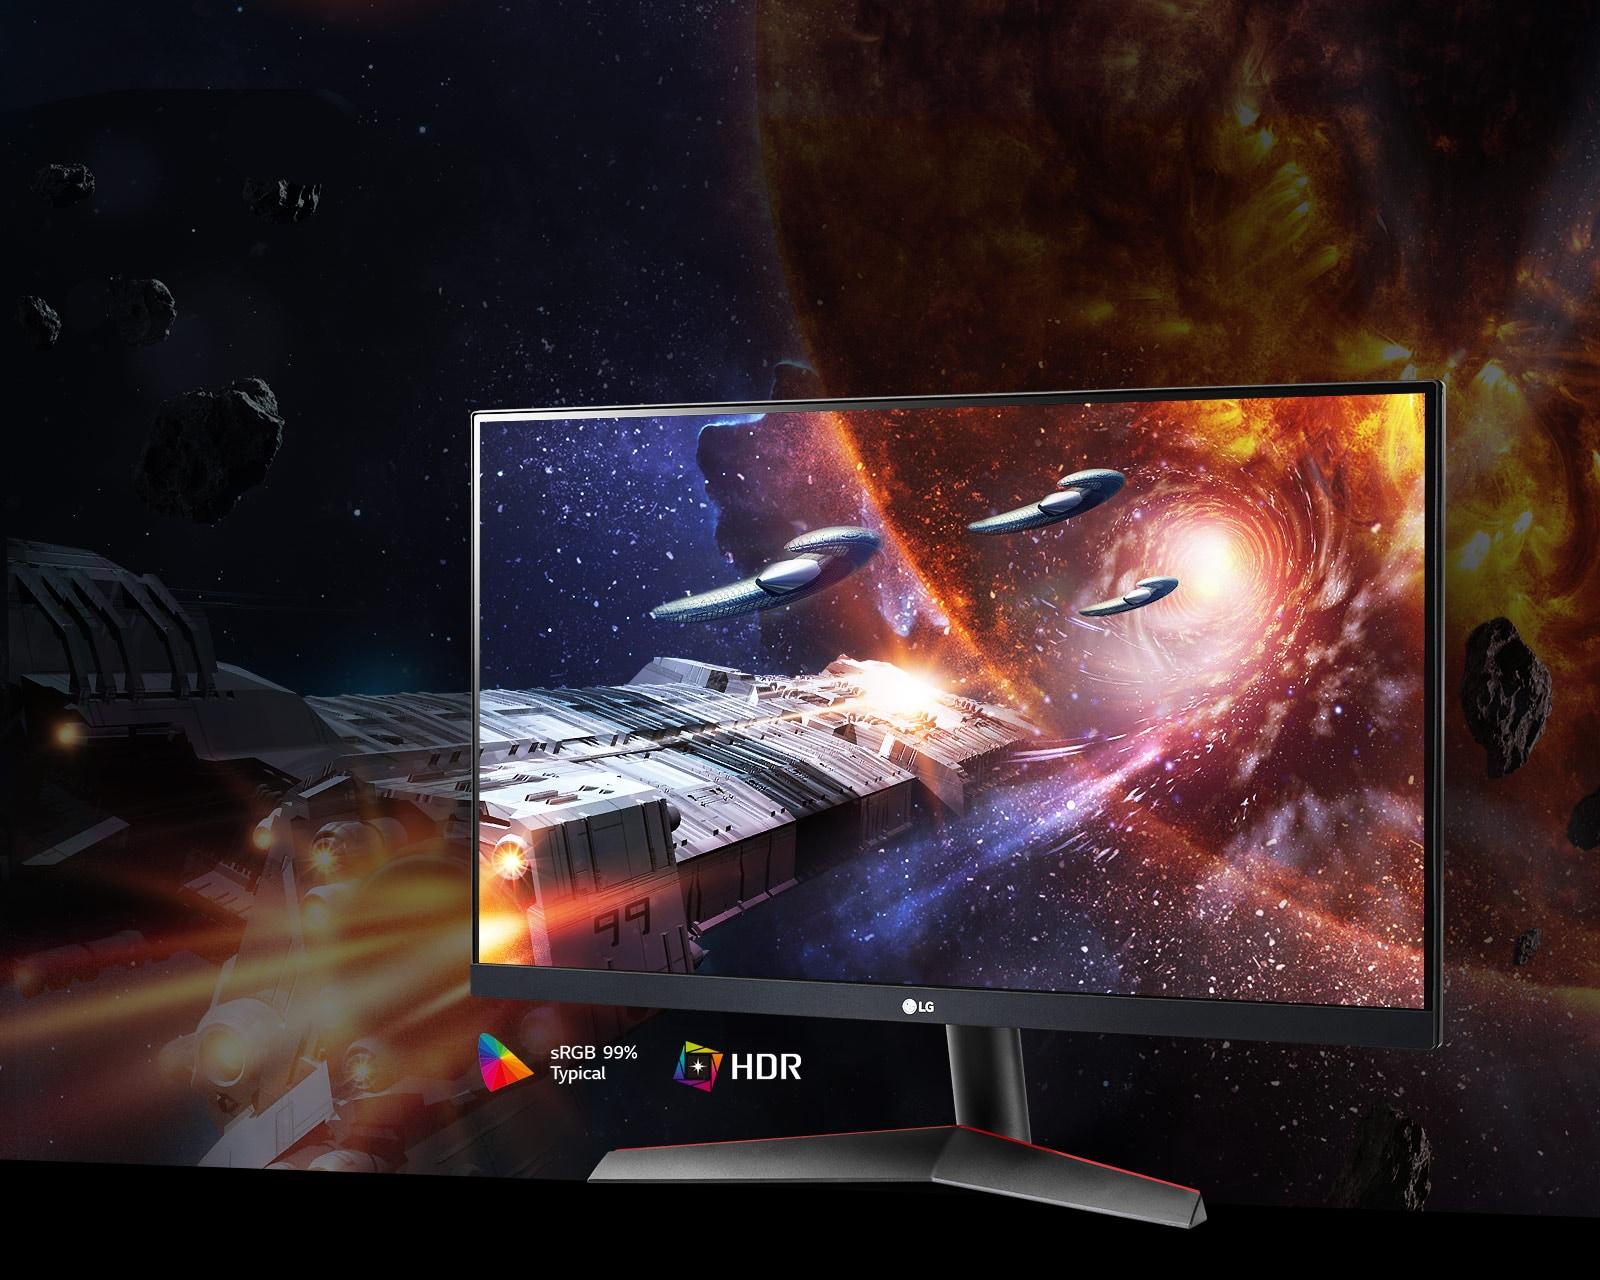 La escena de juegos en colores ricos y contraste en el monitor que admite Hdr10 con Srgb 99% (típ.)